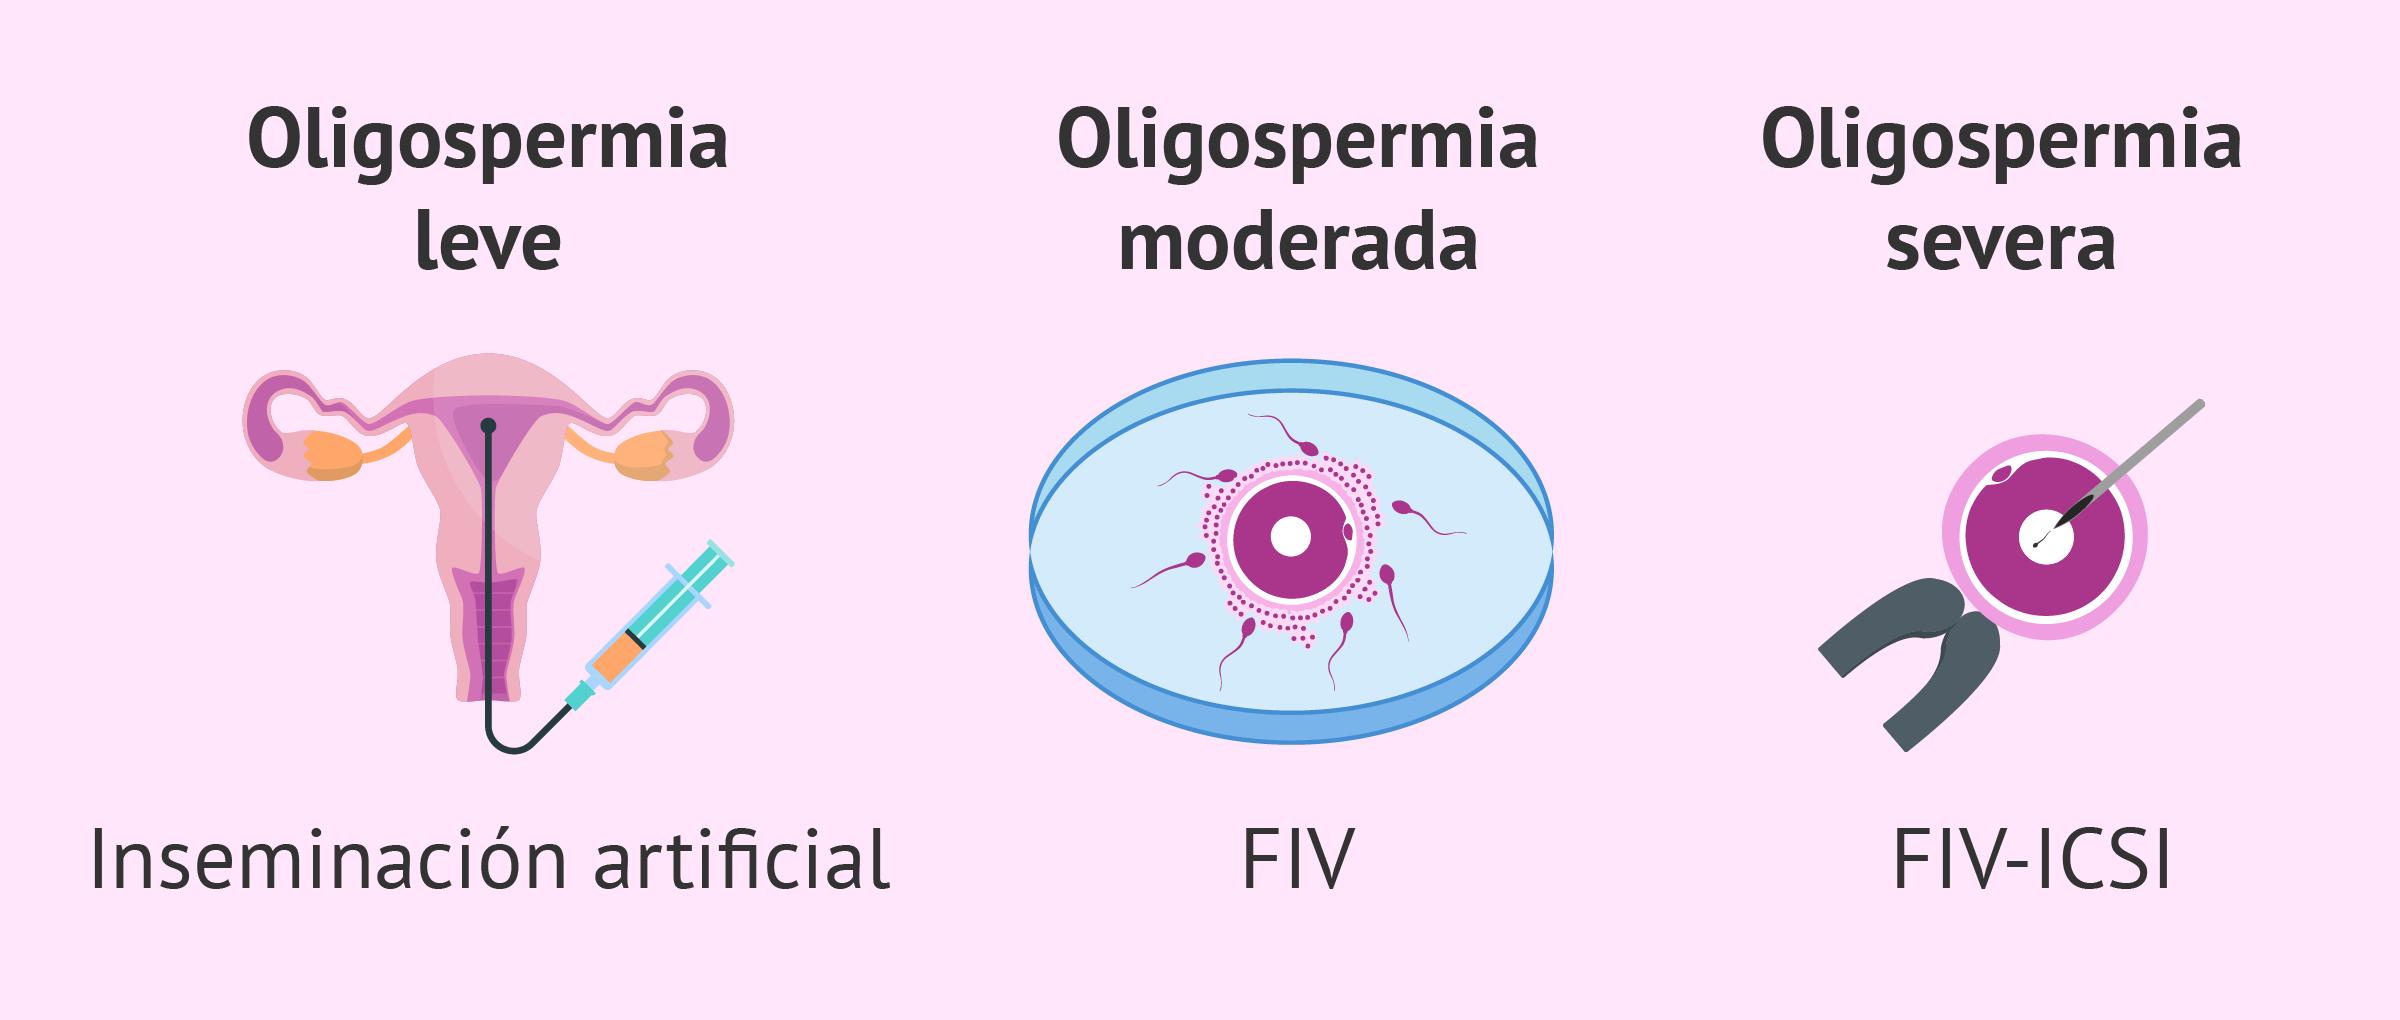 ¿Cuál es la posibilidad de conseguir un embarazo con oligozoospermia?